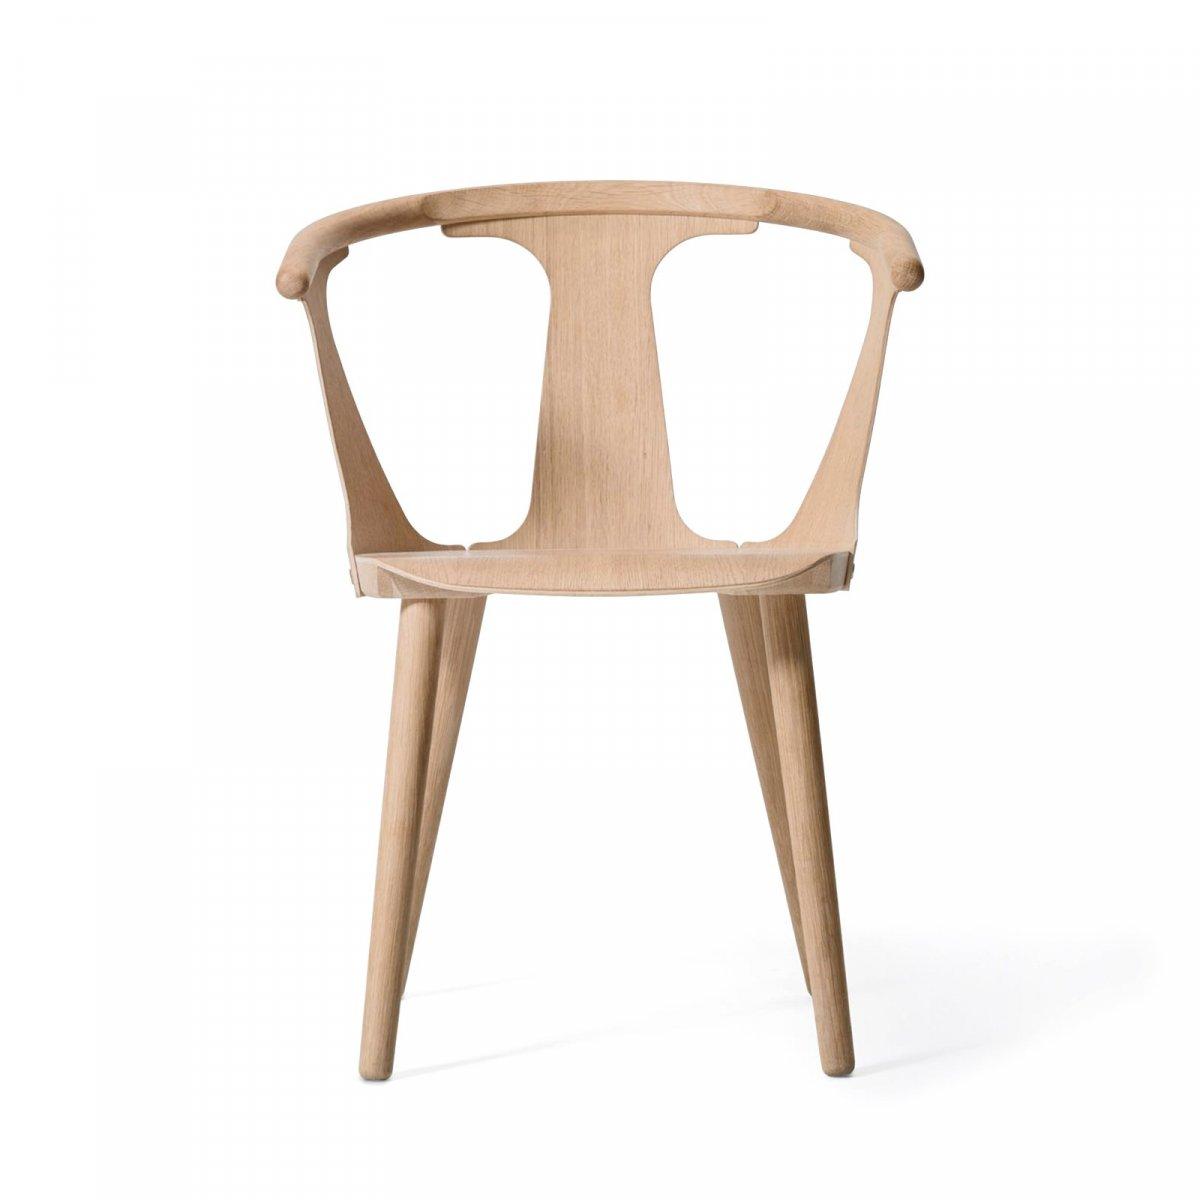 In Between Chair SK1, white oiled oak.